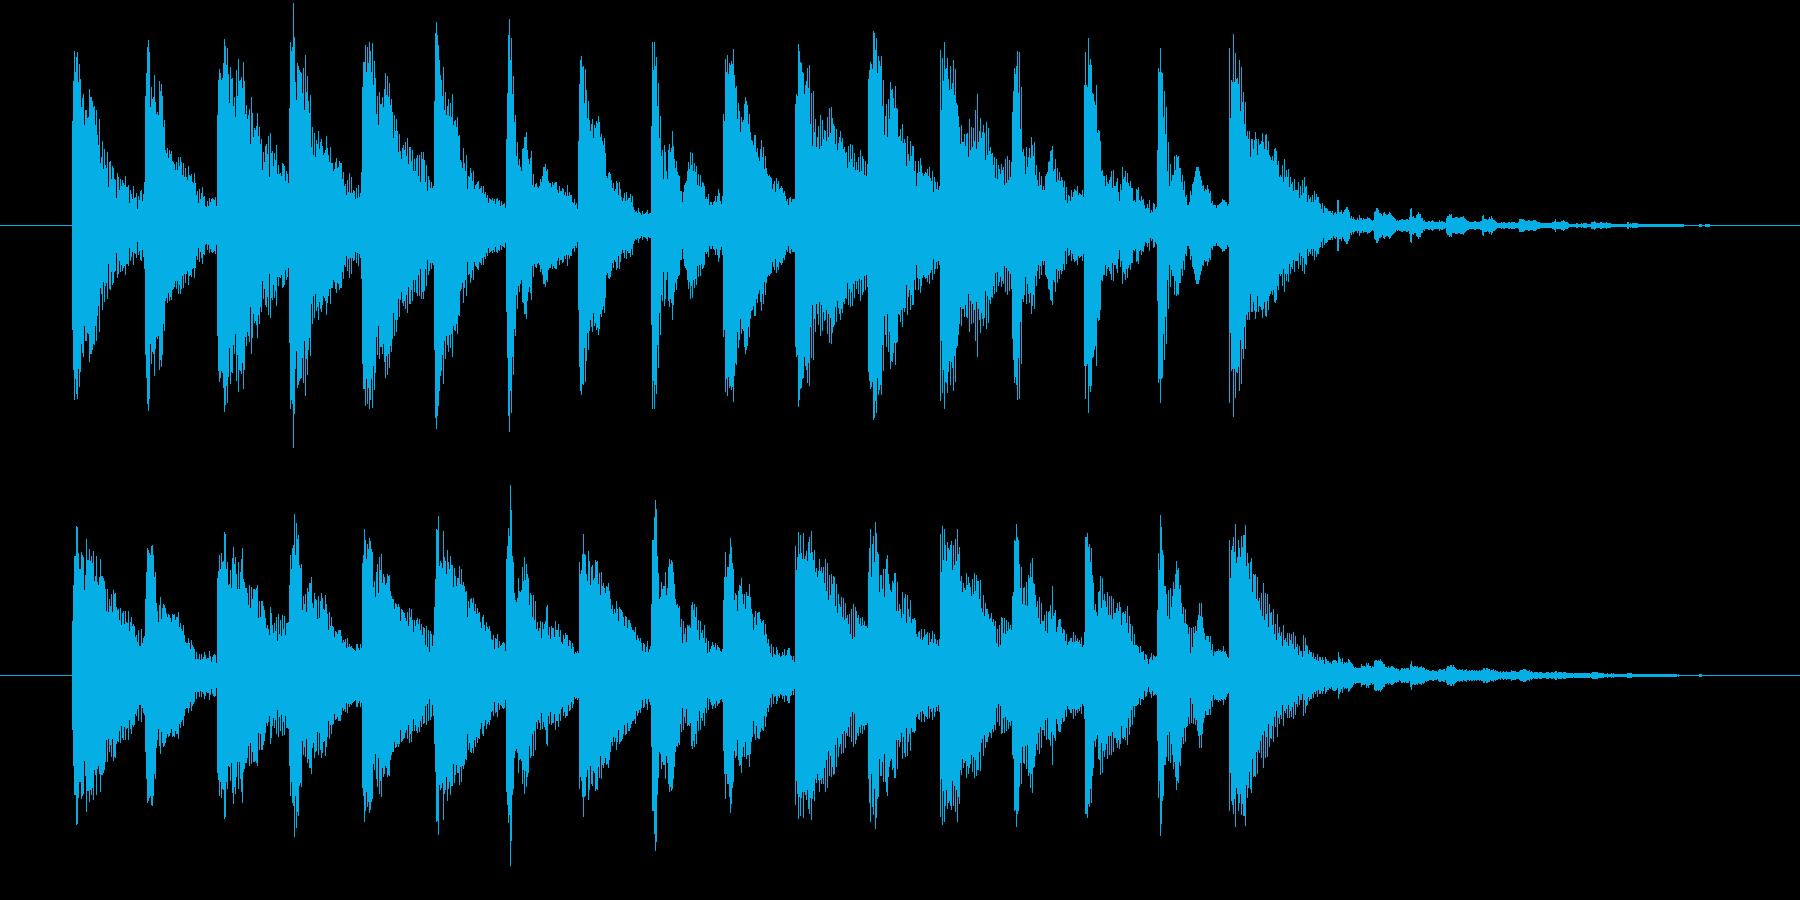 不安をあおるようなジングルの再生済みの波形